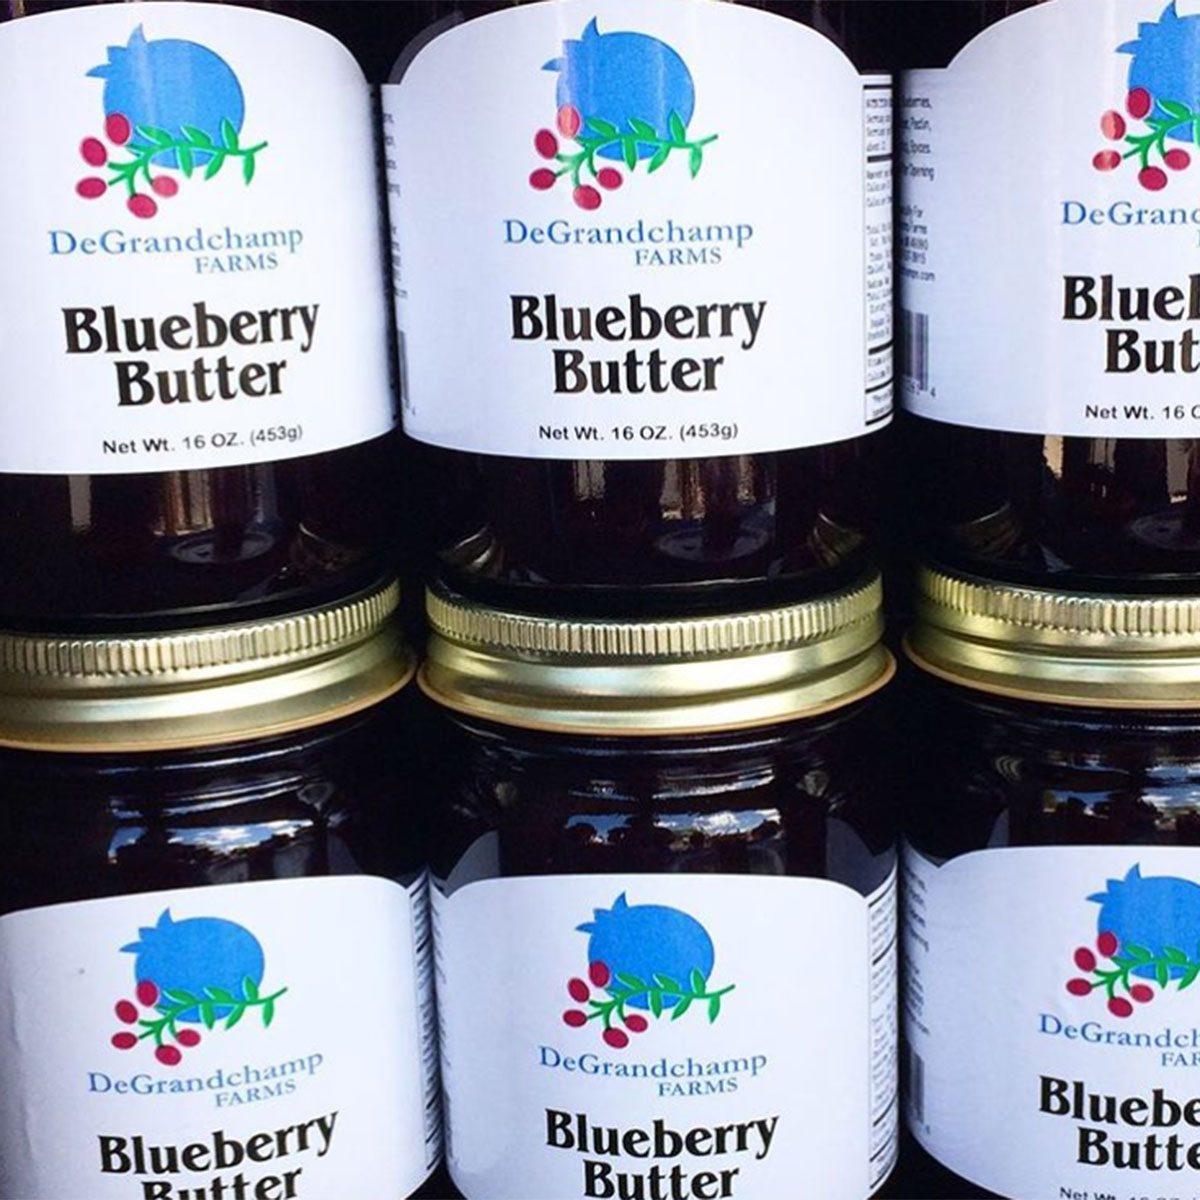 Michigan blueberry butter